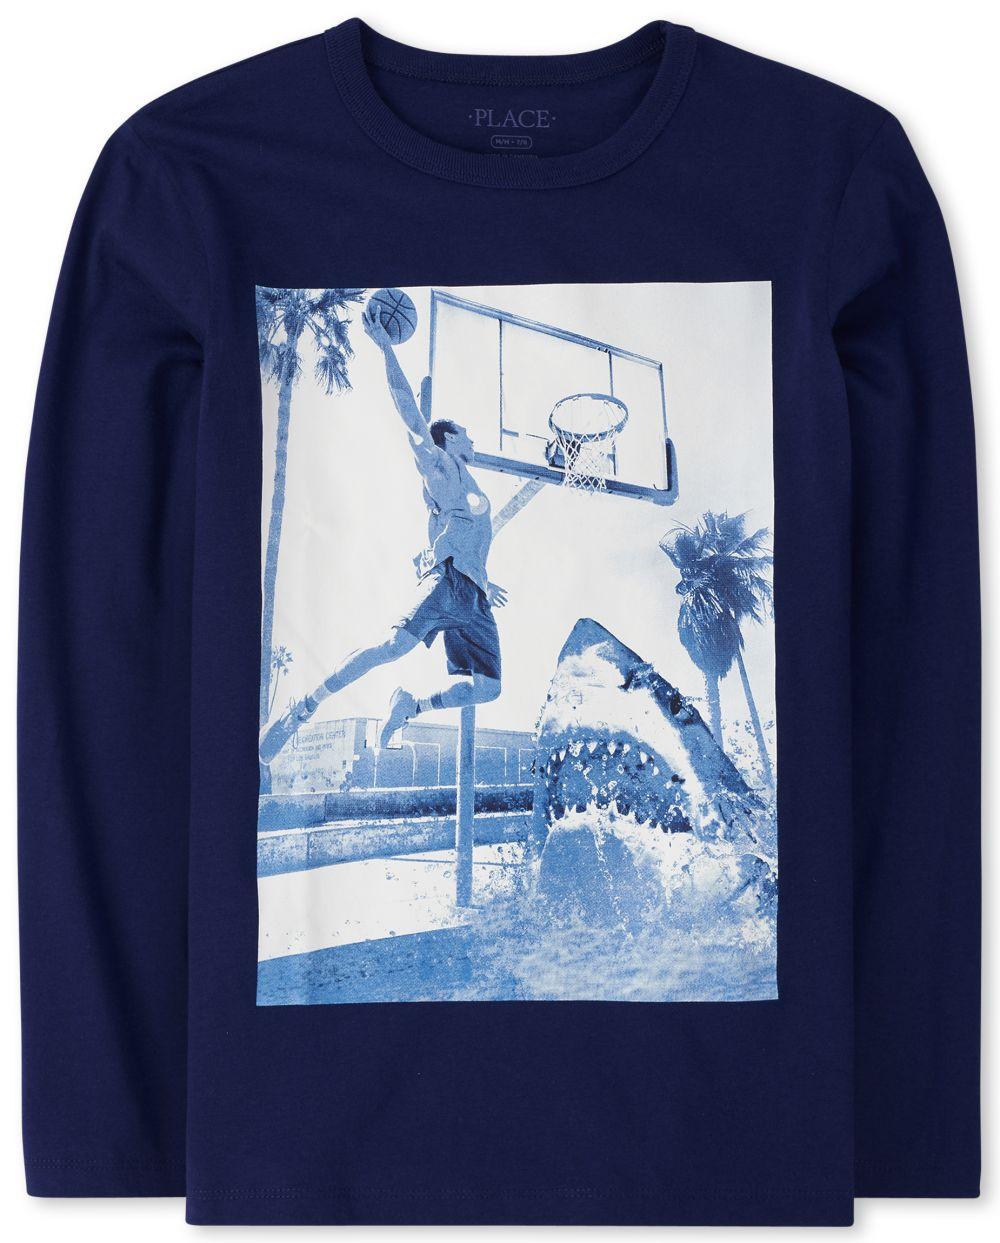 Boys Shark Basketball Graphic Tee